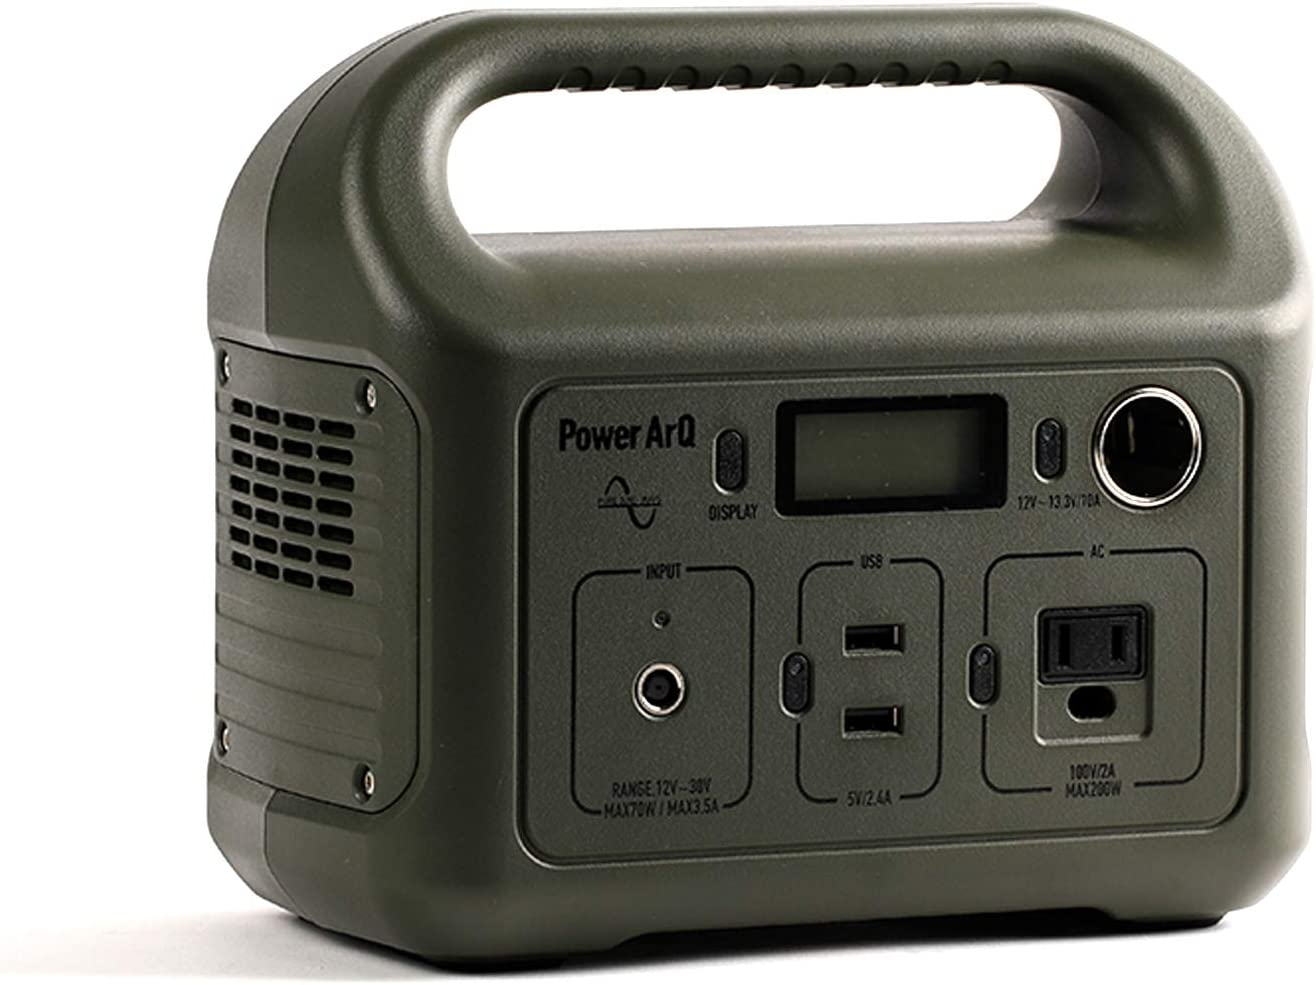 PowerArQ mini ポータブル電源 346Wh Smart Tap/スマートタップ(Smart Tap)